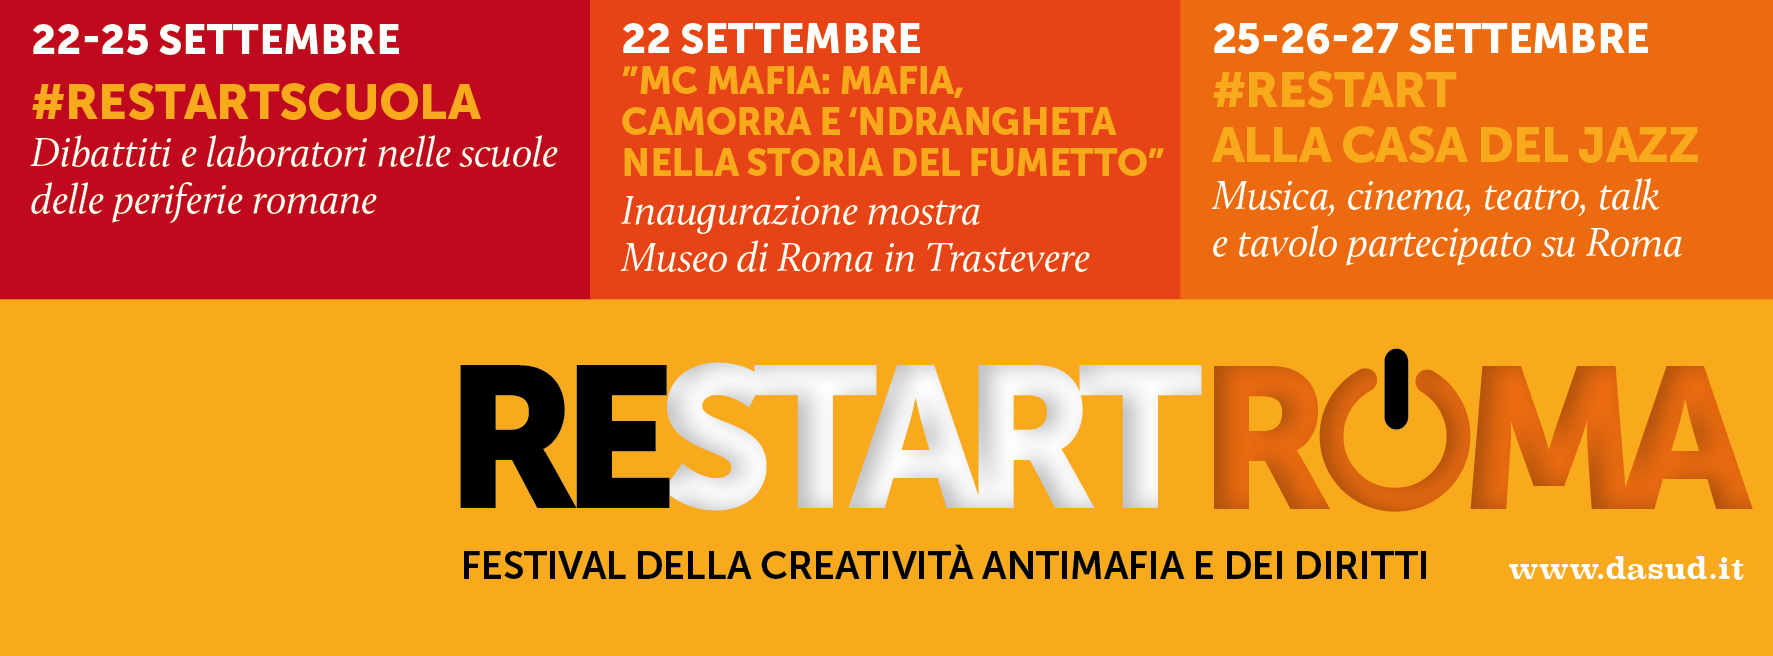 cover-fb-restart-roma (1)